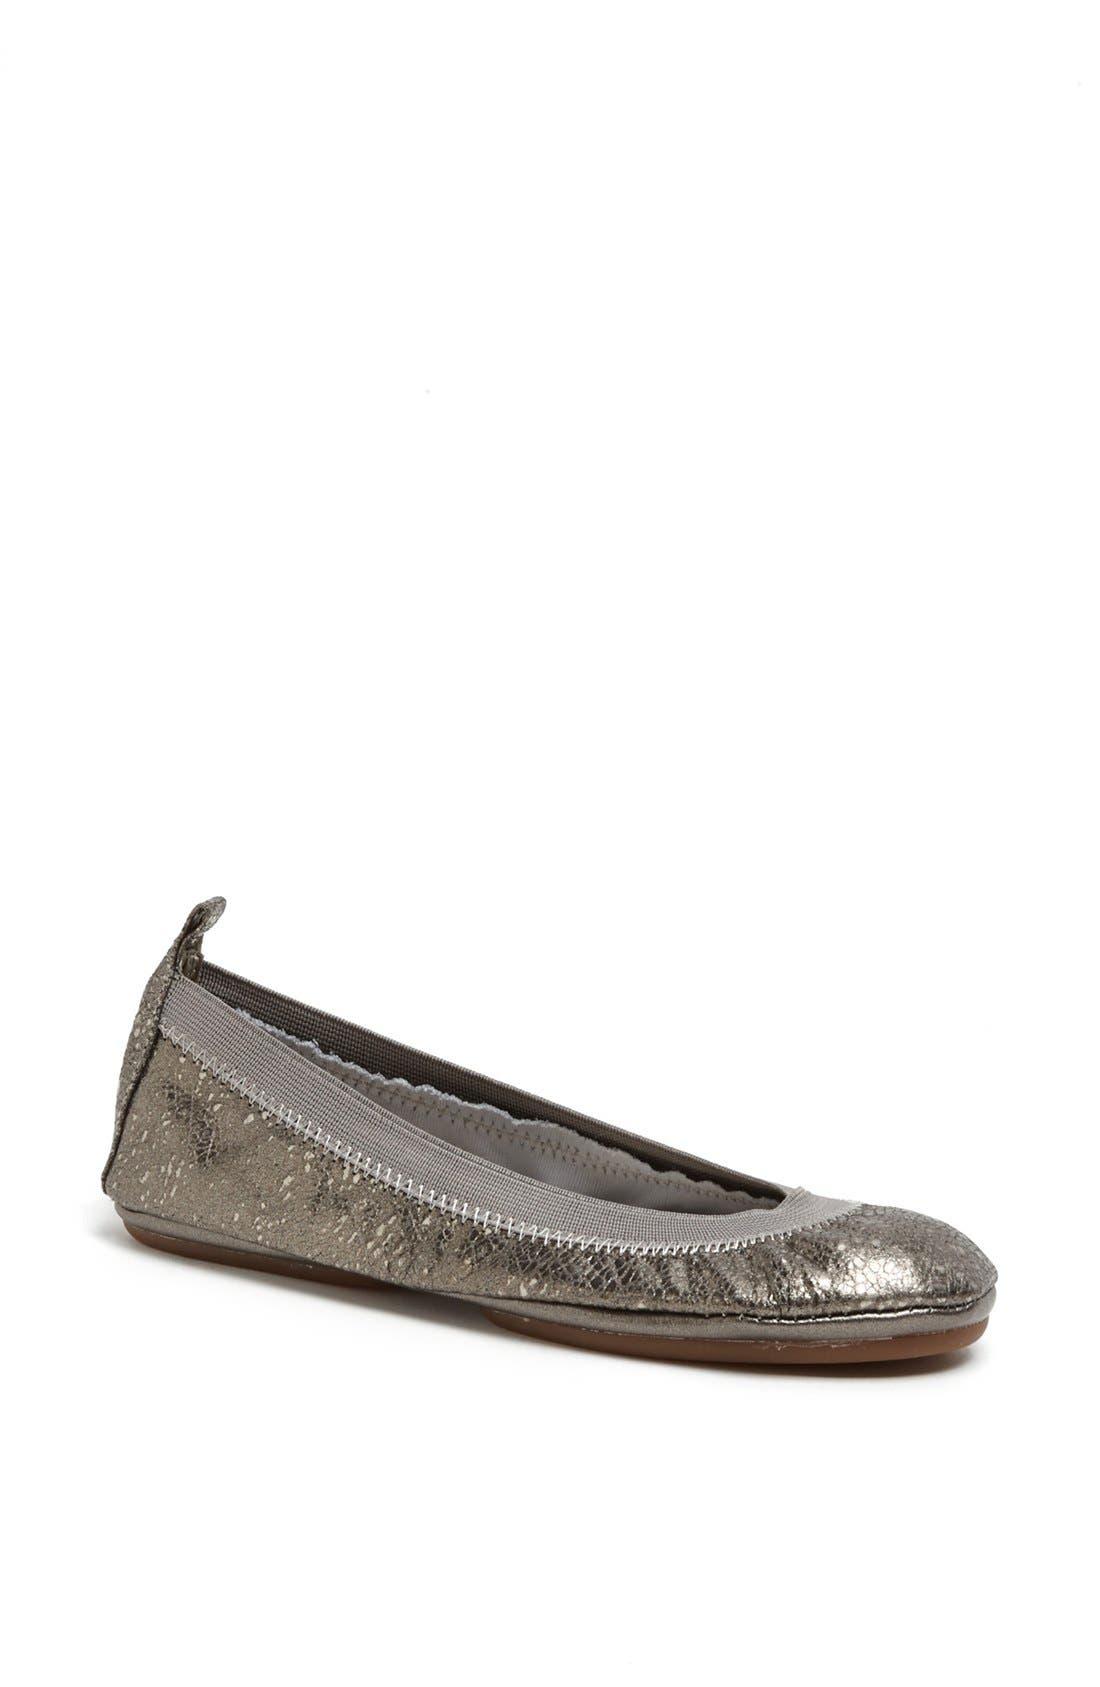 Alternate Image 1 Selected - Yosi Samra Metallic Foldable Ballet Flat